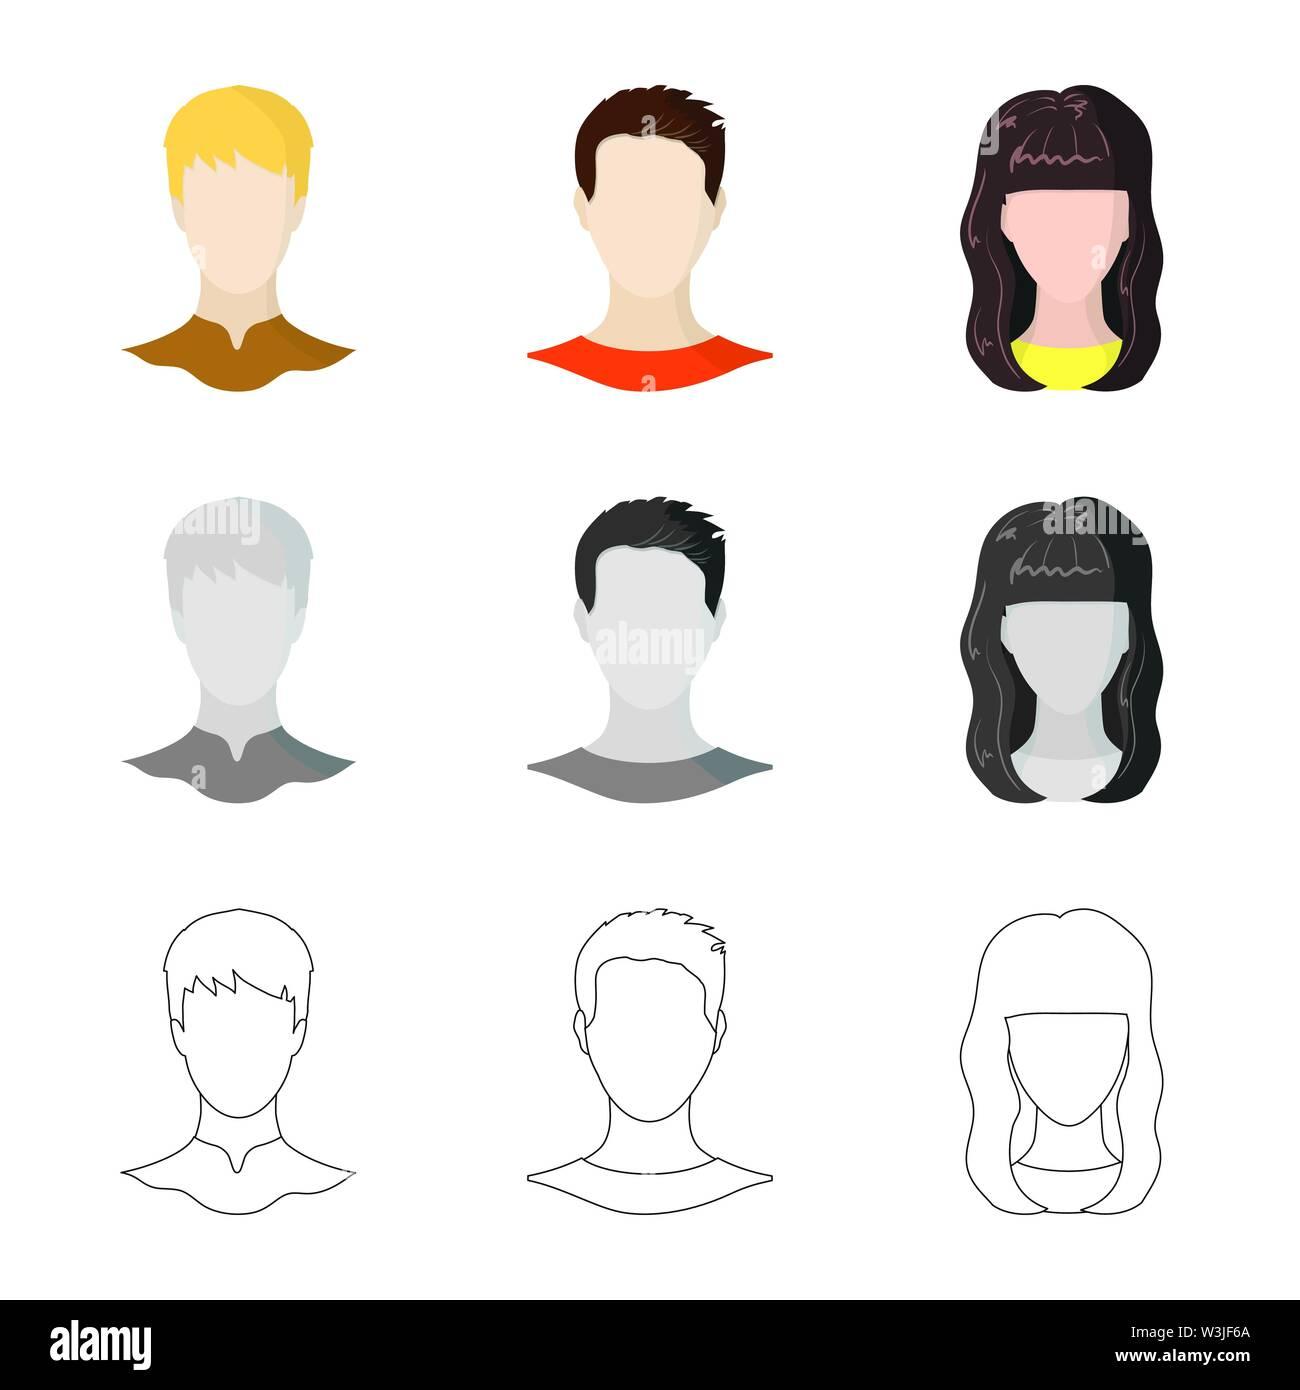 Vector Illustration von professionellen Foto- und unterzeichnen. Sammlung von Professionellen und Profile stock Symbol für das Web. Stockbild